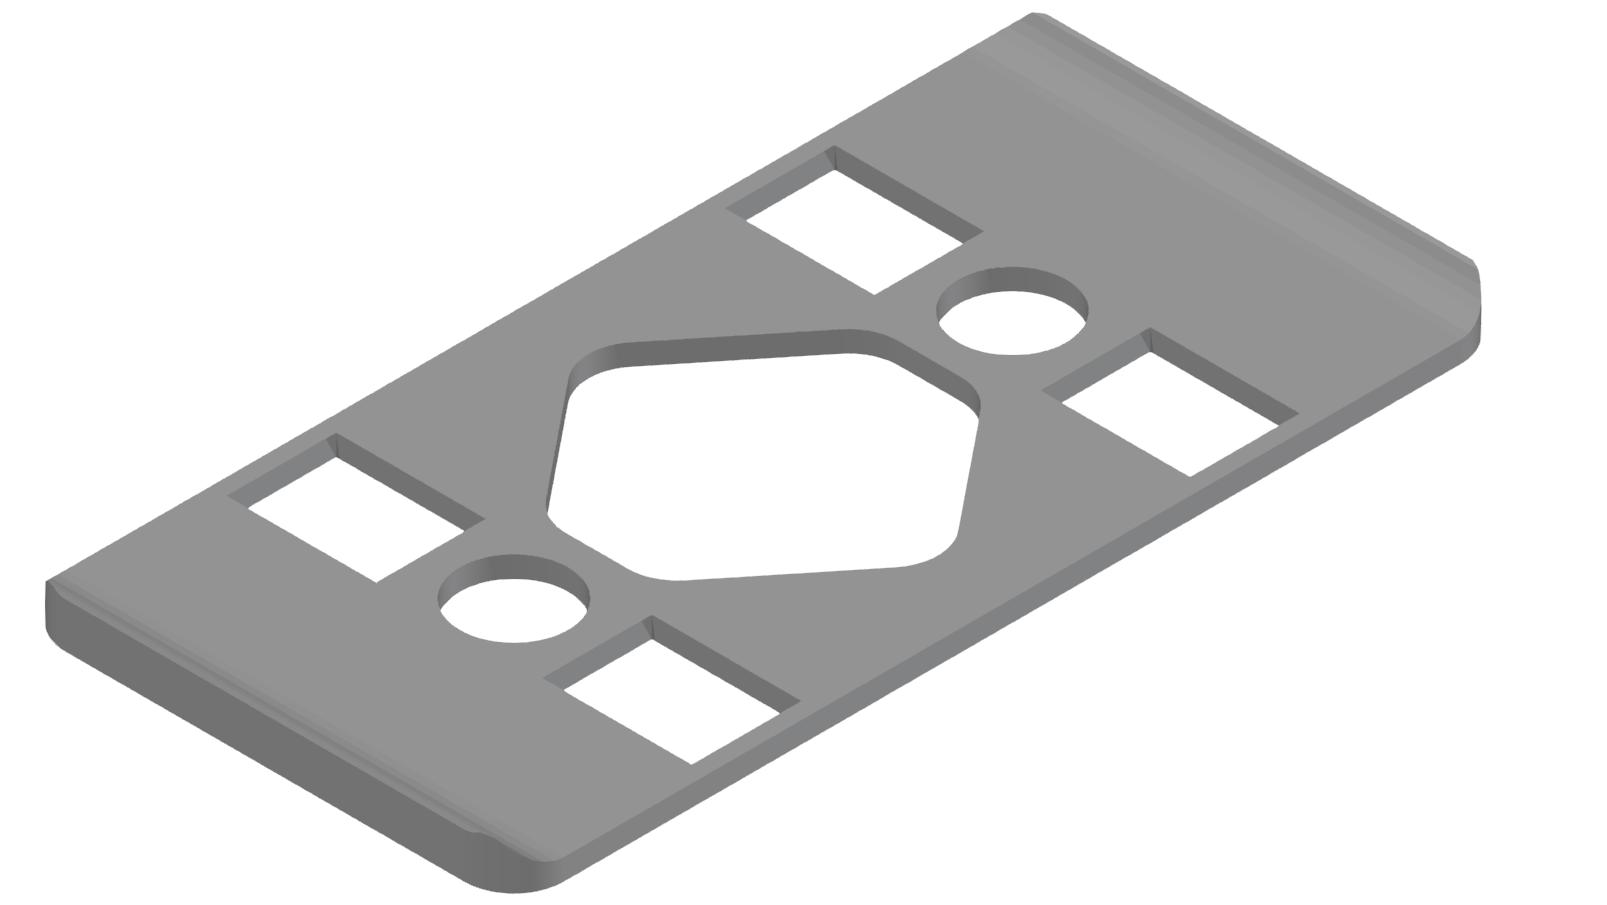 Radien-Dichtung 6 60x30, grau